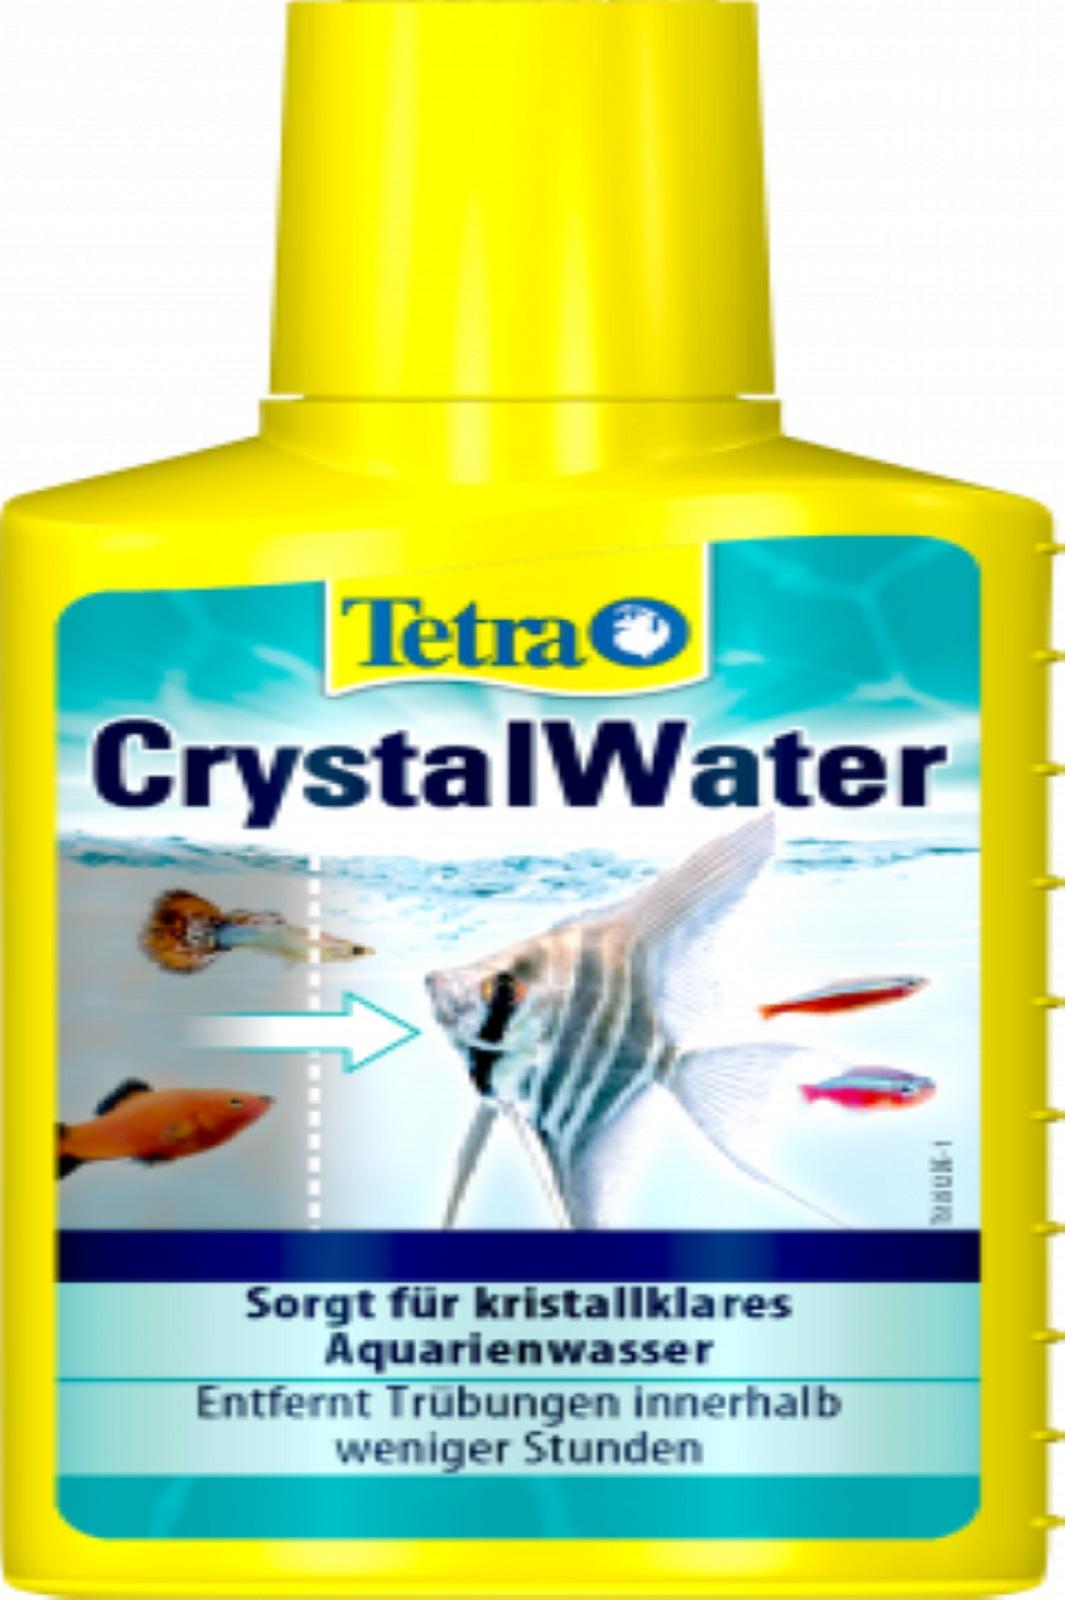 Tetra Crystal Water 100 ml für kristallklares Aquarium Wasser